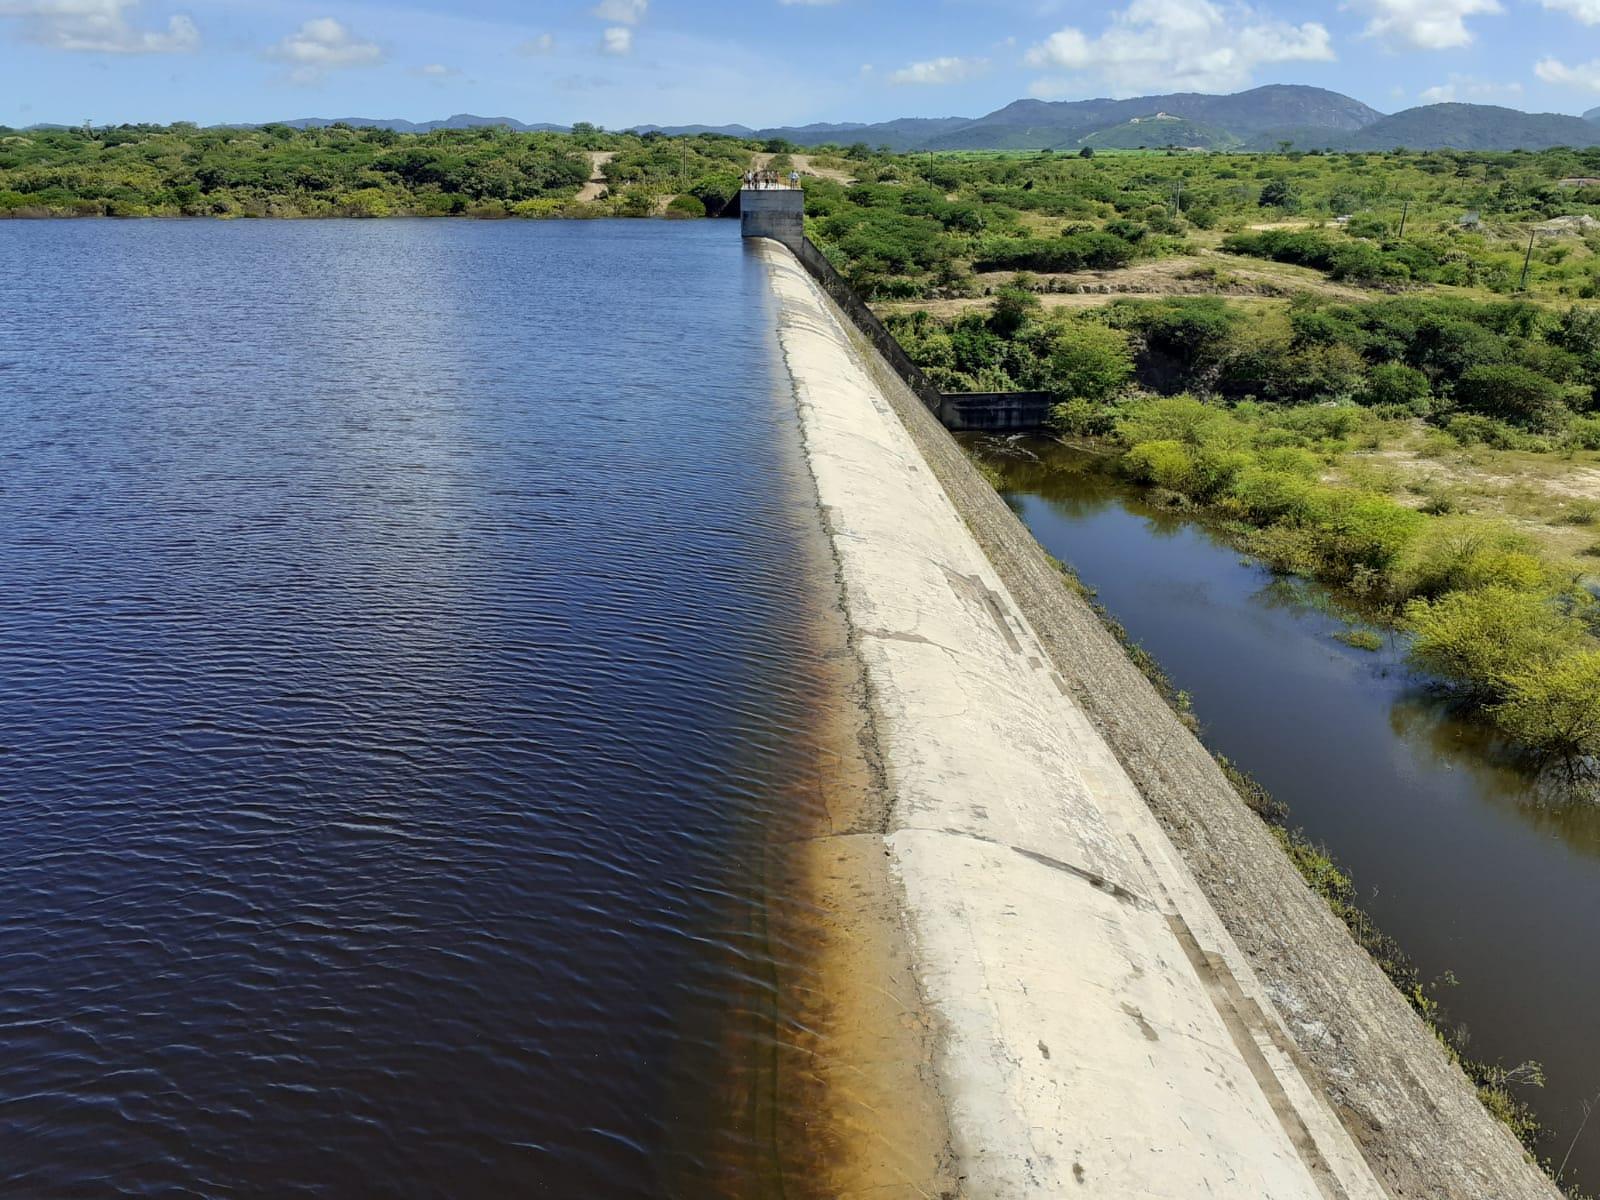 Vídeo: Barragem do Ipojuca começa a sangrar em Belo Jardim